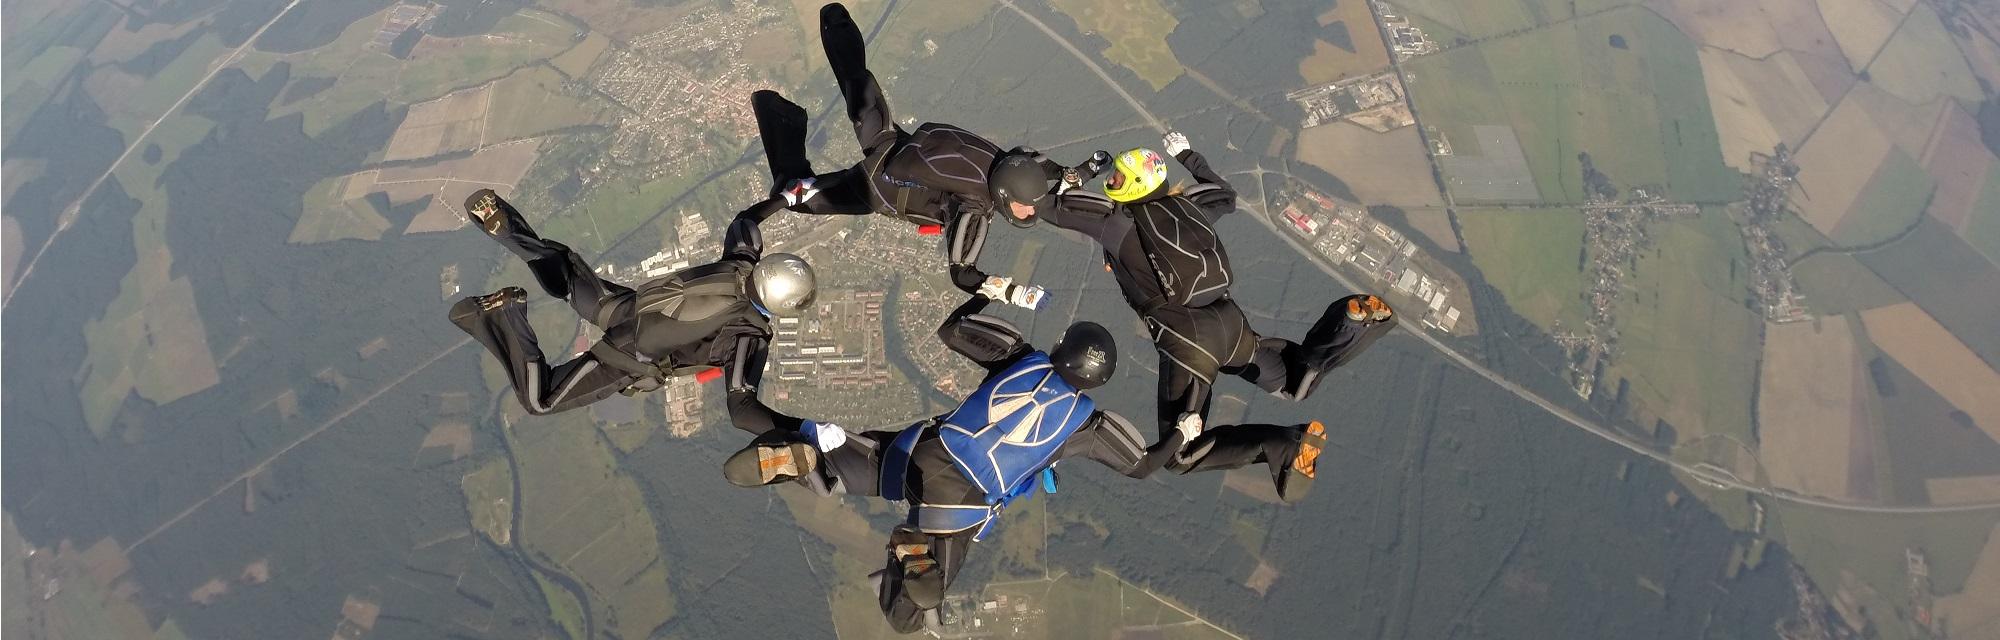 © Karlo, skydive-mv.de